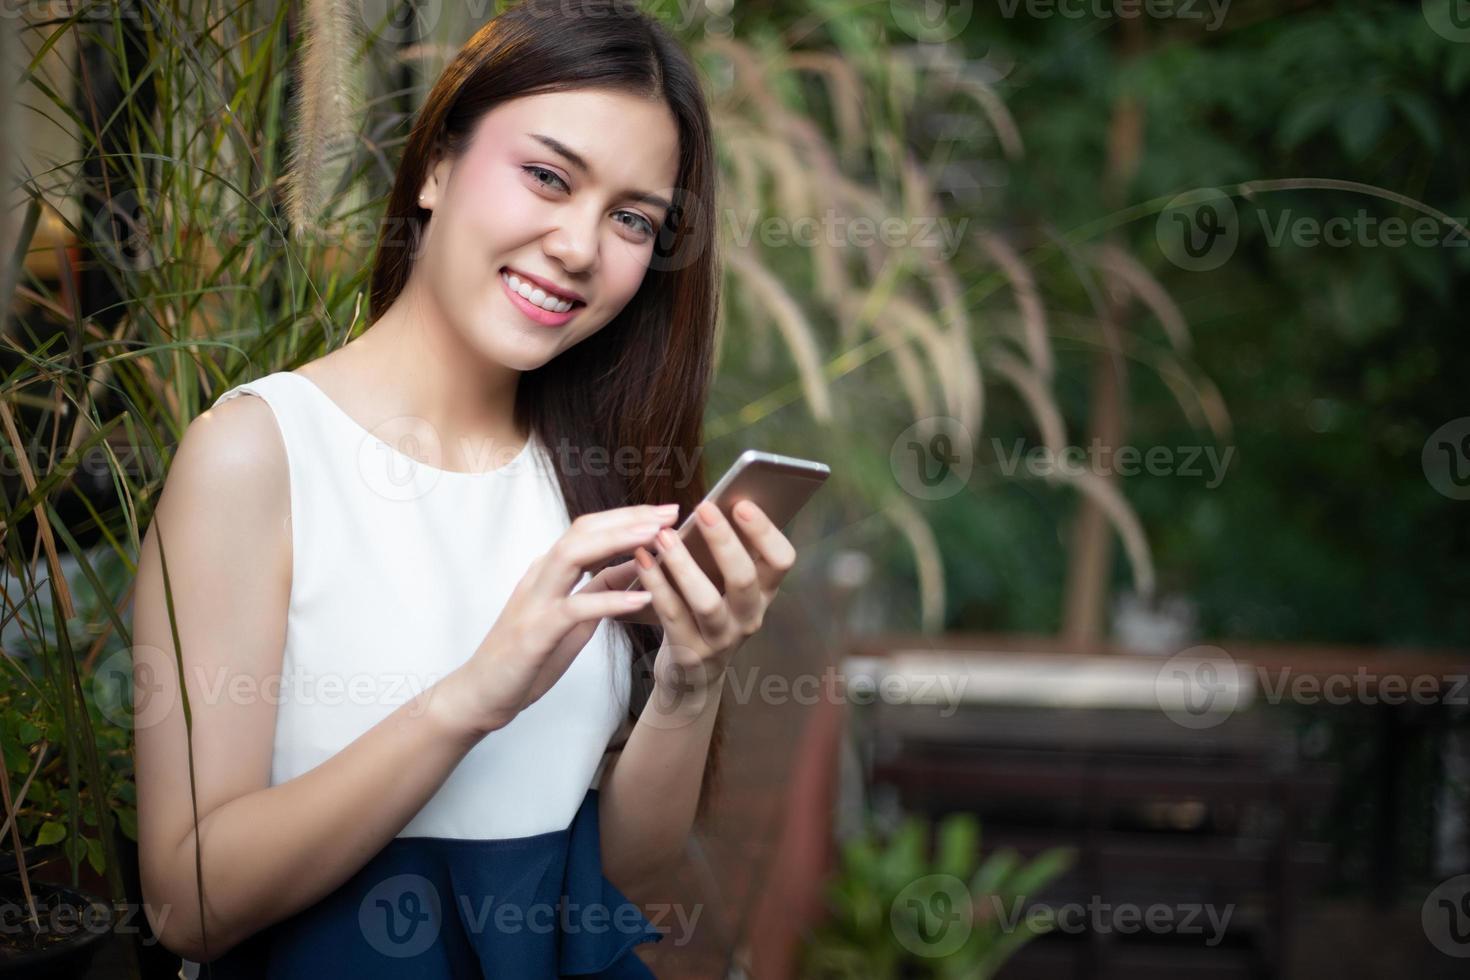 homens e mulheres de negócios da ásia estão usando smartphones e smartphones para comunicação e verificação de pessoas de negócios no escritório foto